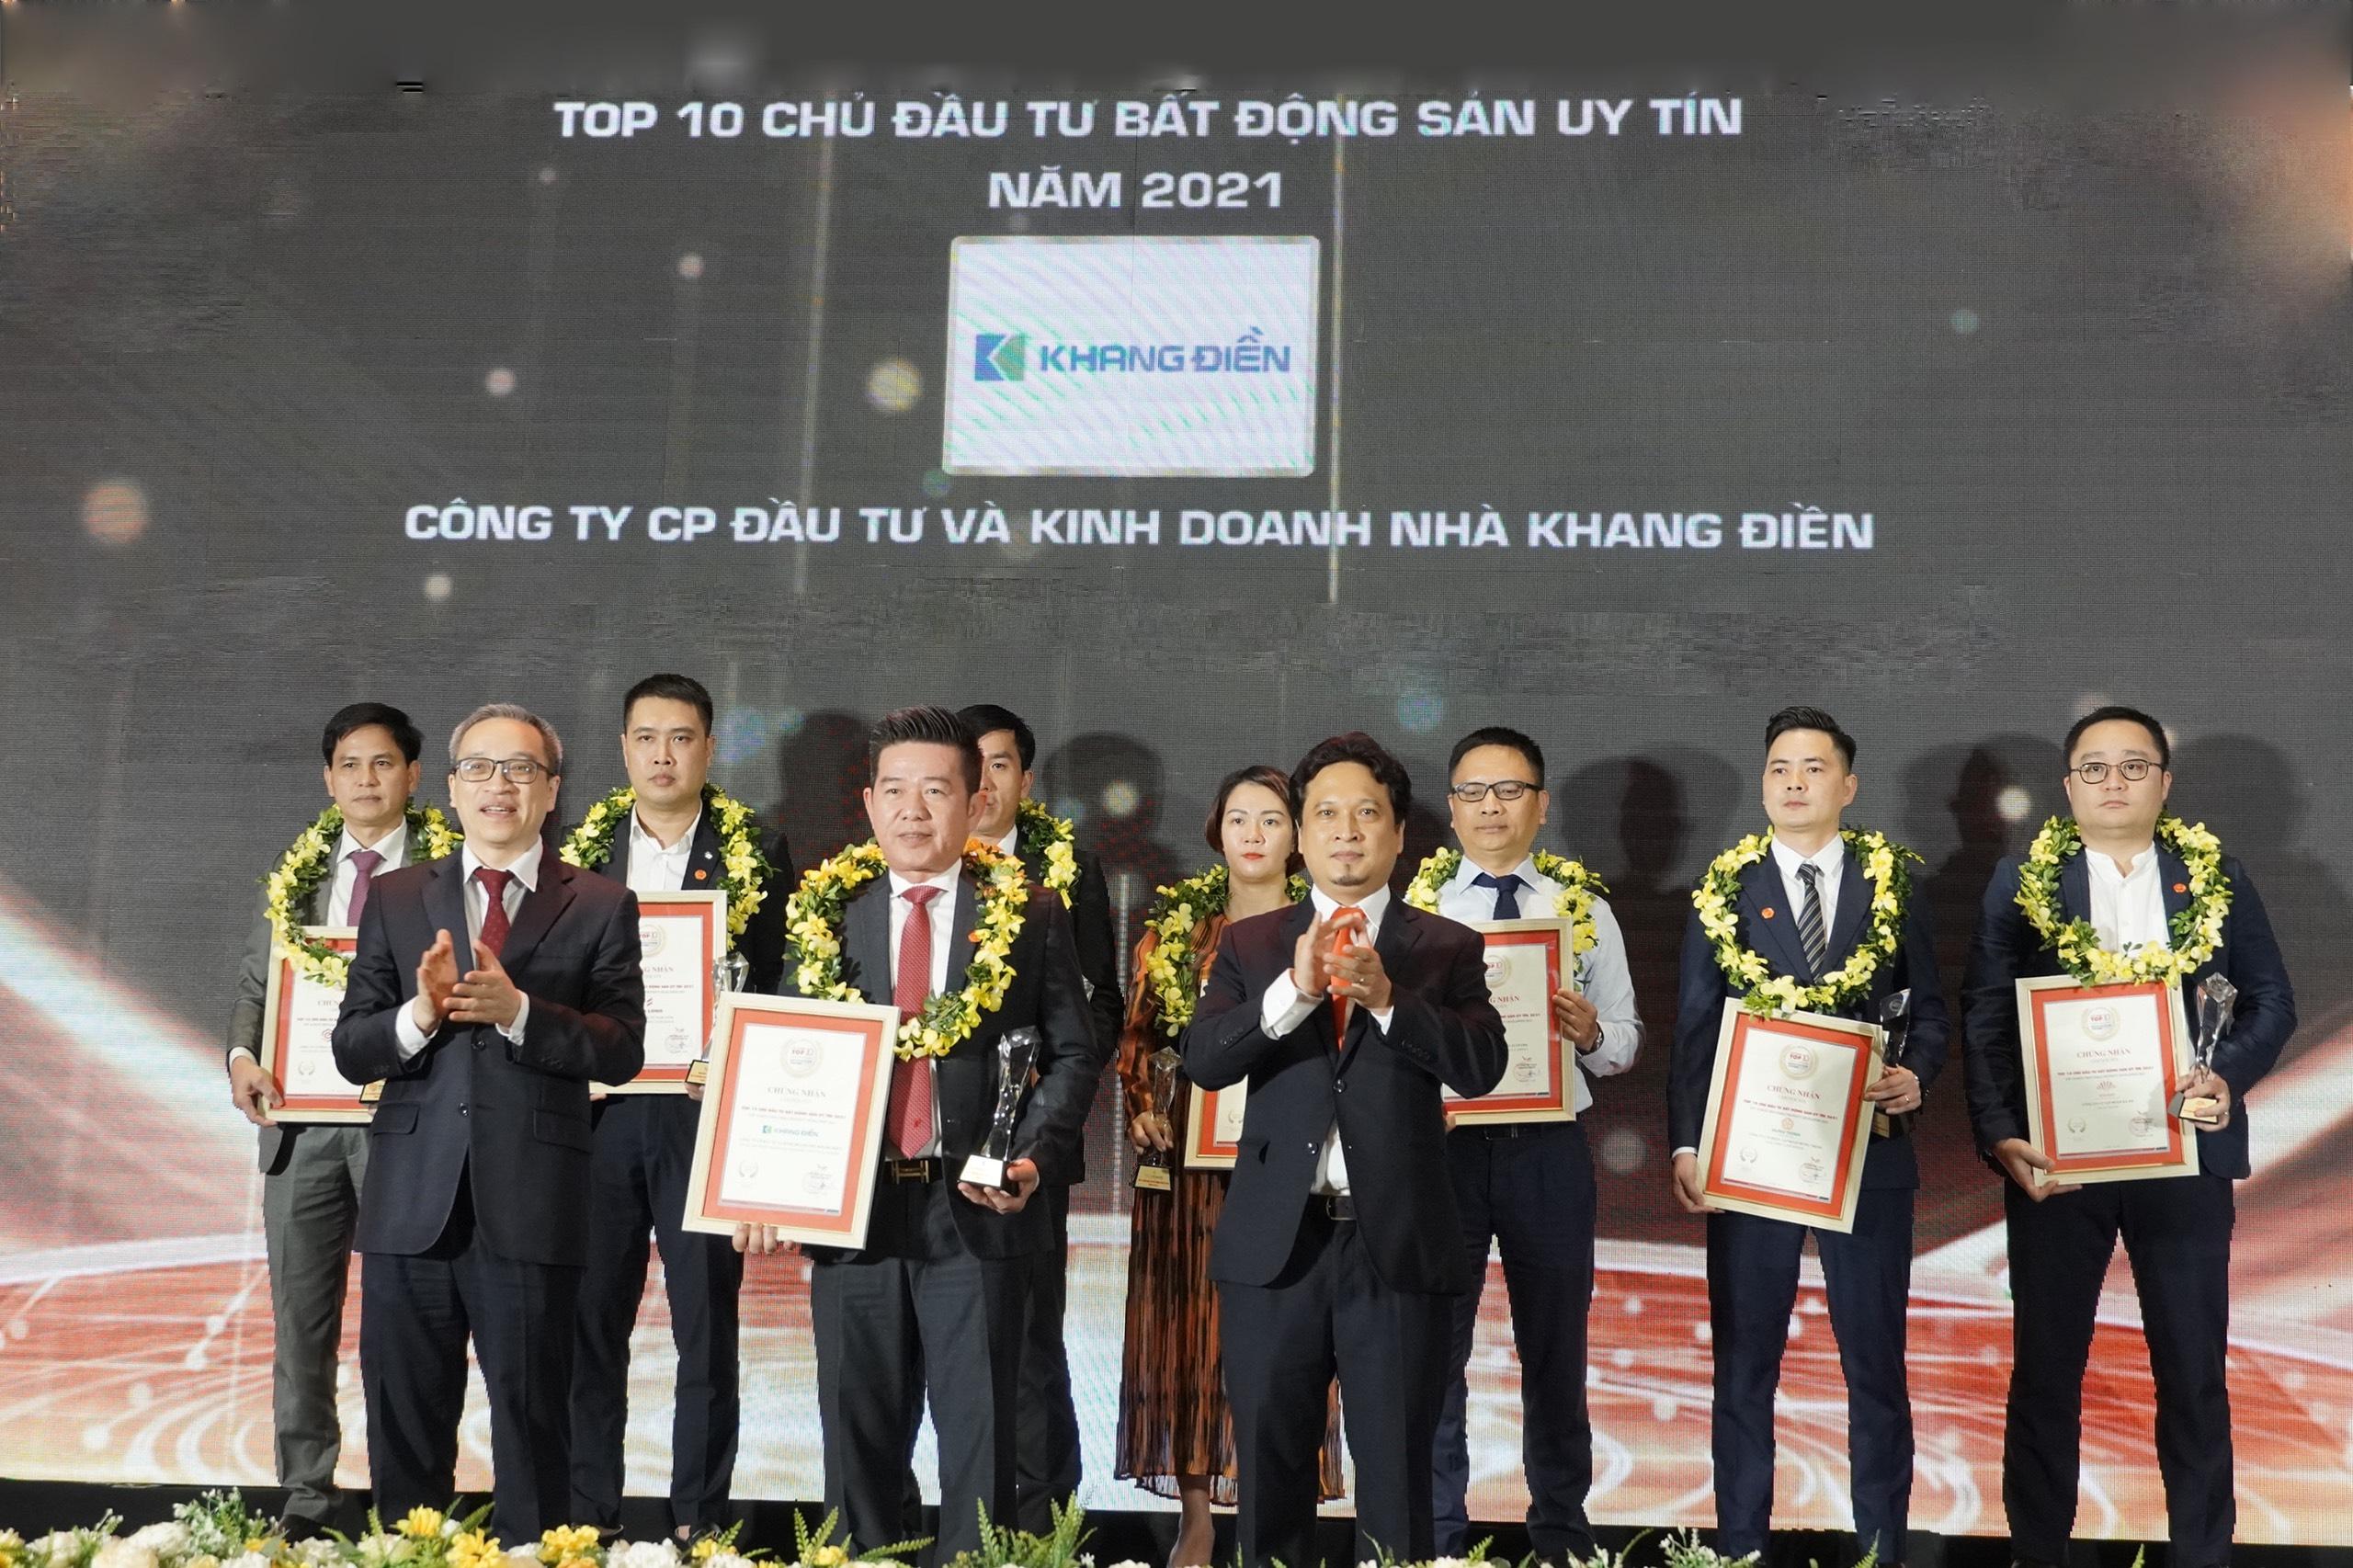 Khang Điền Đạt Top 10 Chủ Đầu Tư Bất Động Sản Uy Tín Năm 2021